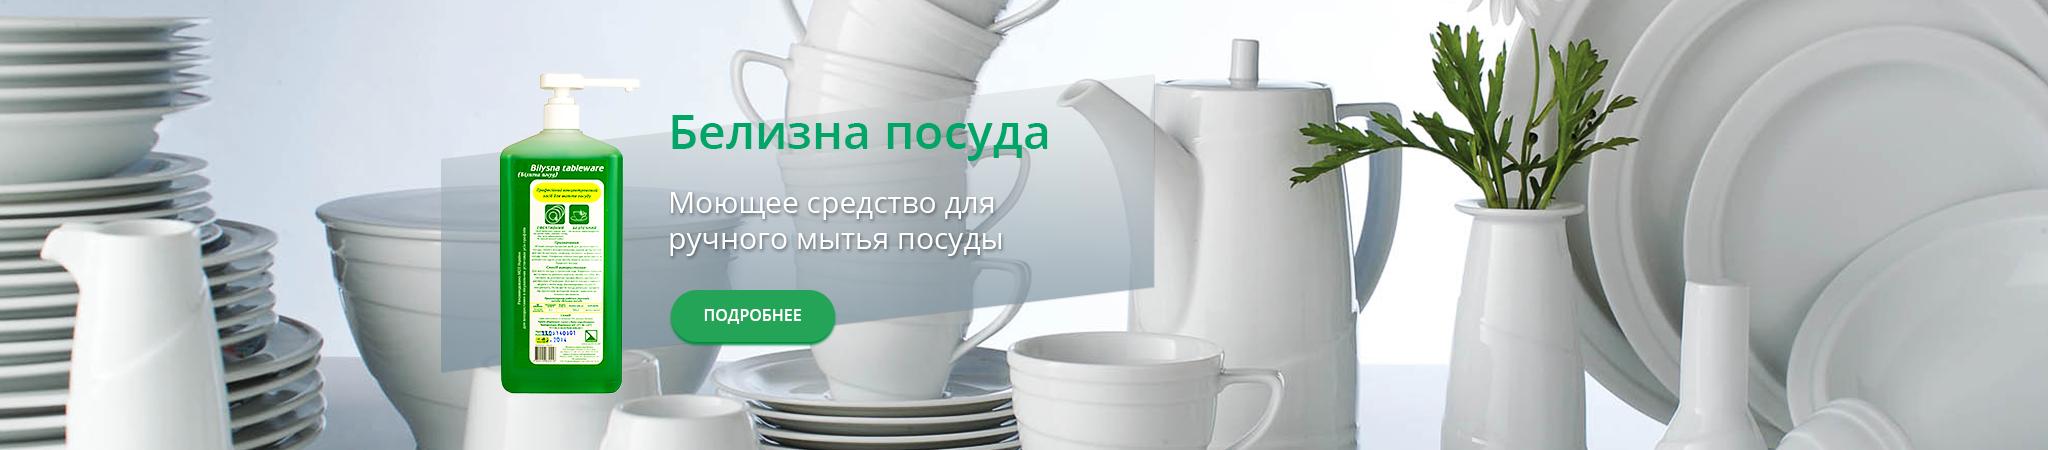 Белизна посуда